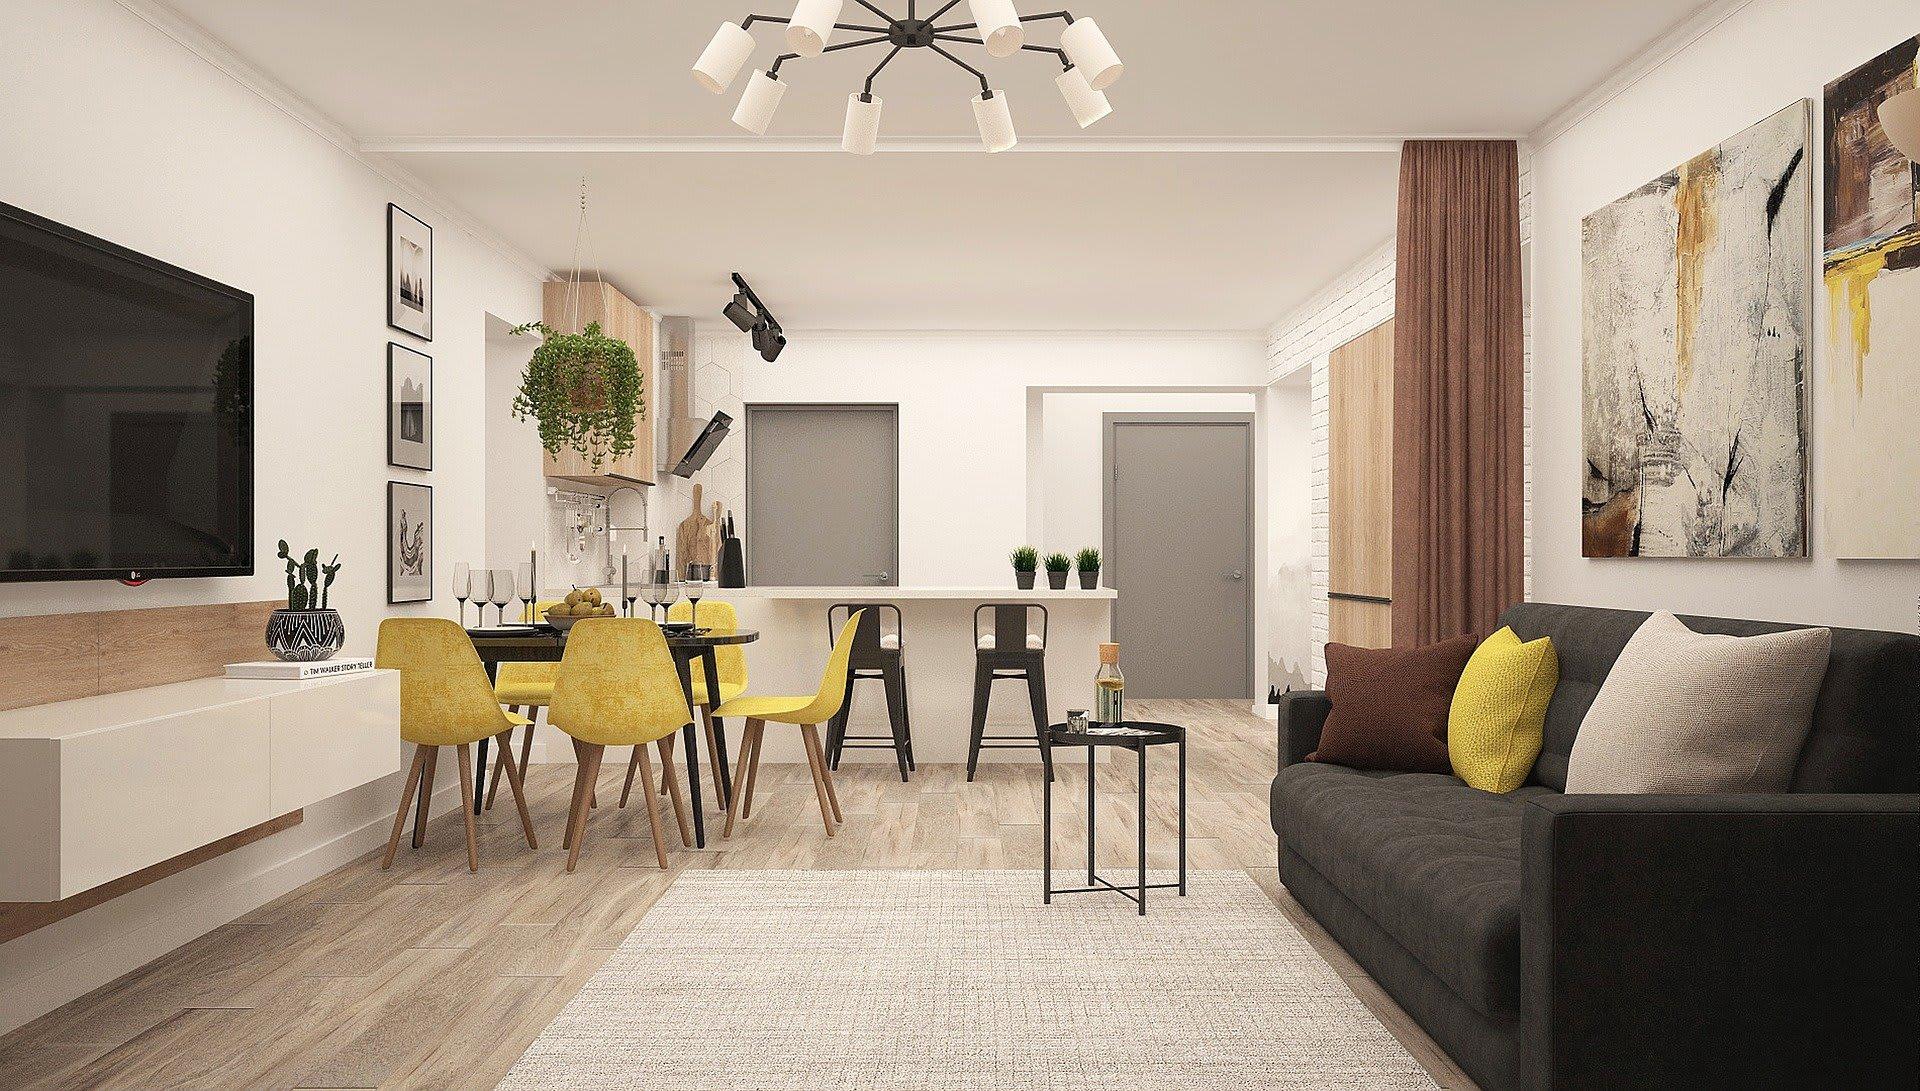 Das ist ein Bild mit Küfche und Wohnzimmer für das Titelbild Vermietung